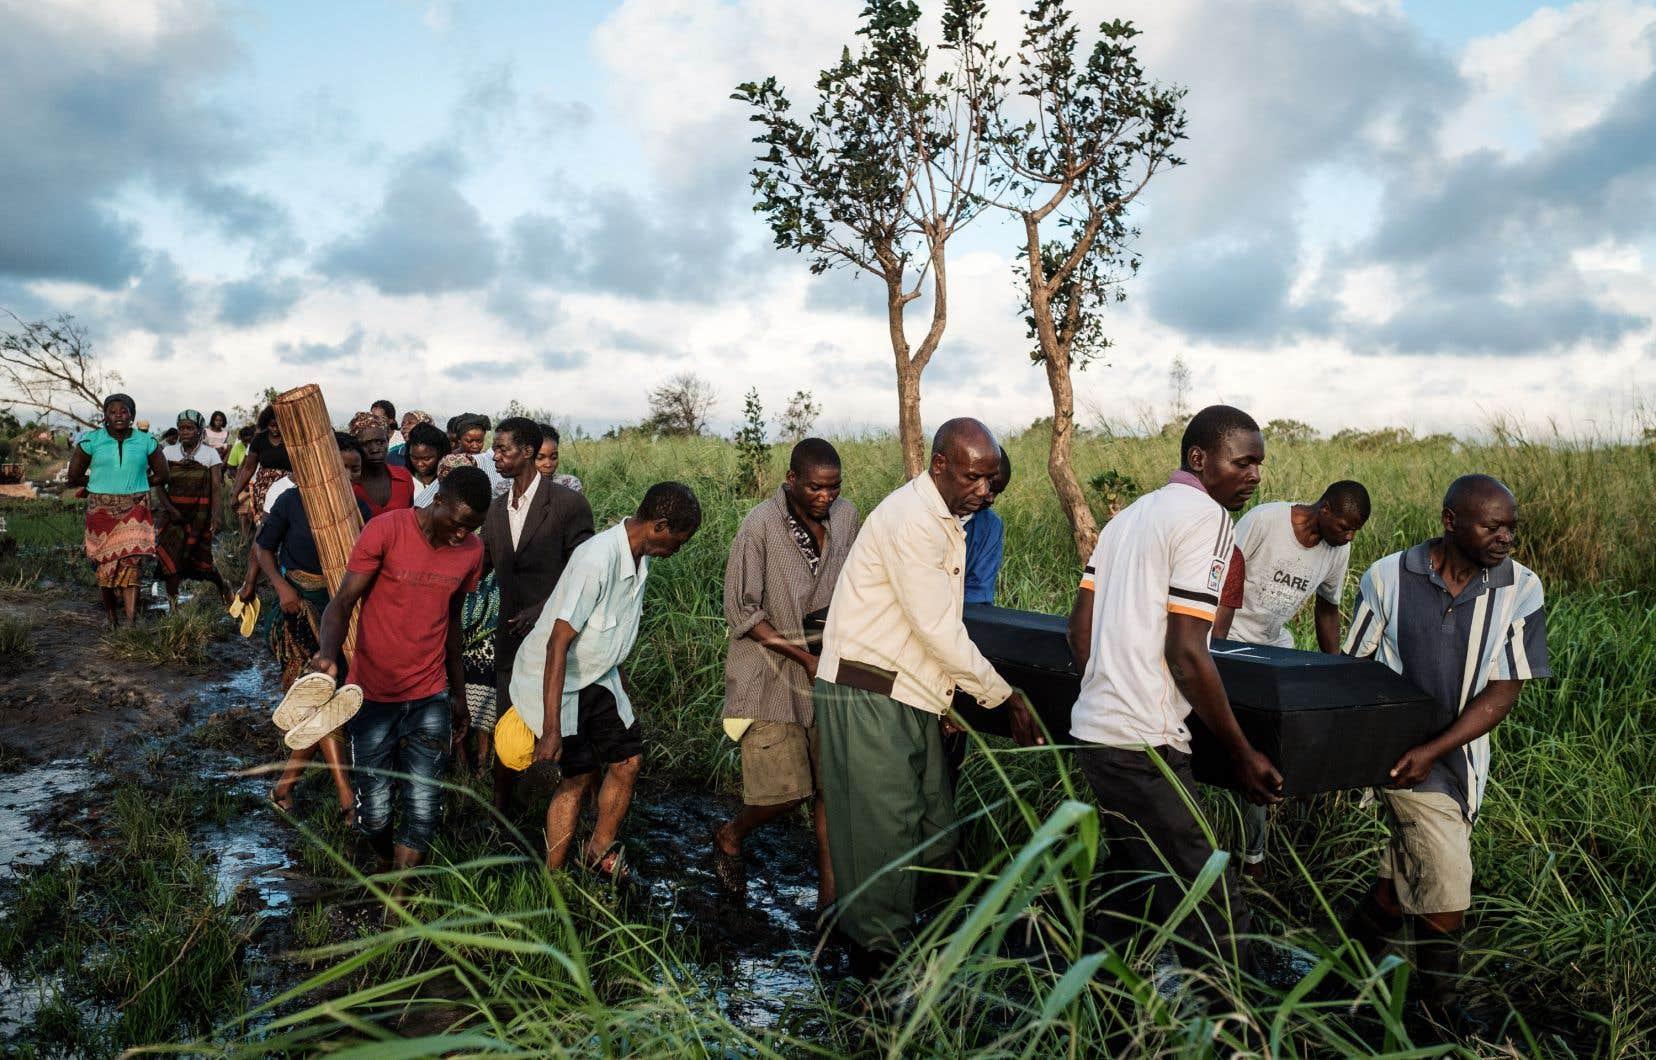 Le cyclone Idai, qui a provoqué des glissements de terrain et des inondations, a fait au moins 202 morts au Mozambique et une centaine au Zimbabwe voisin.